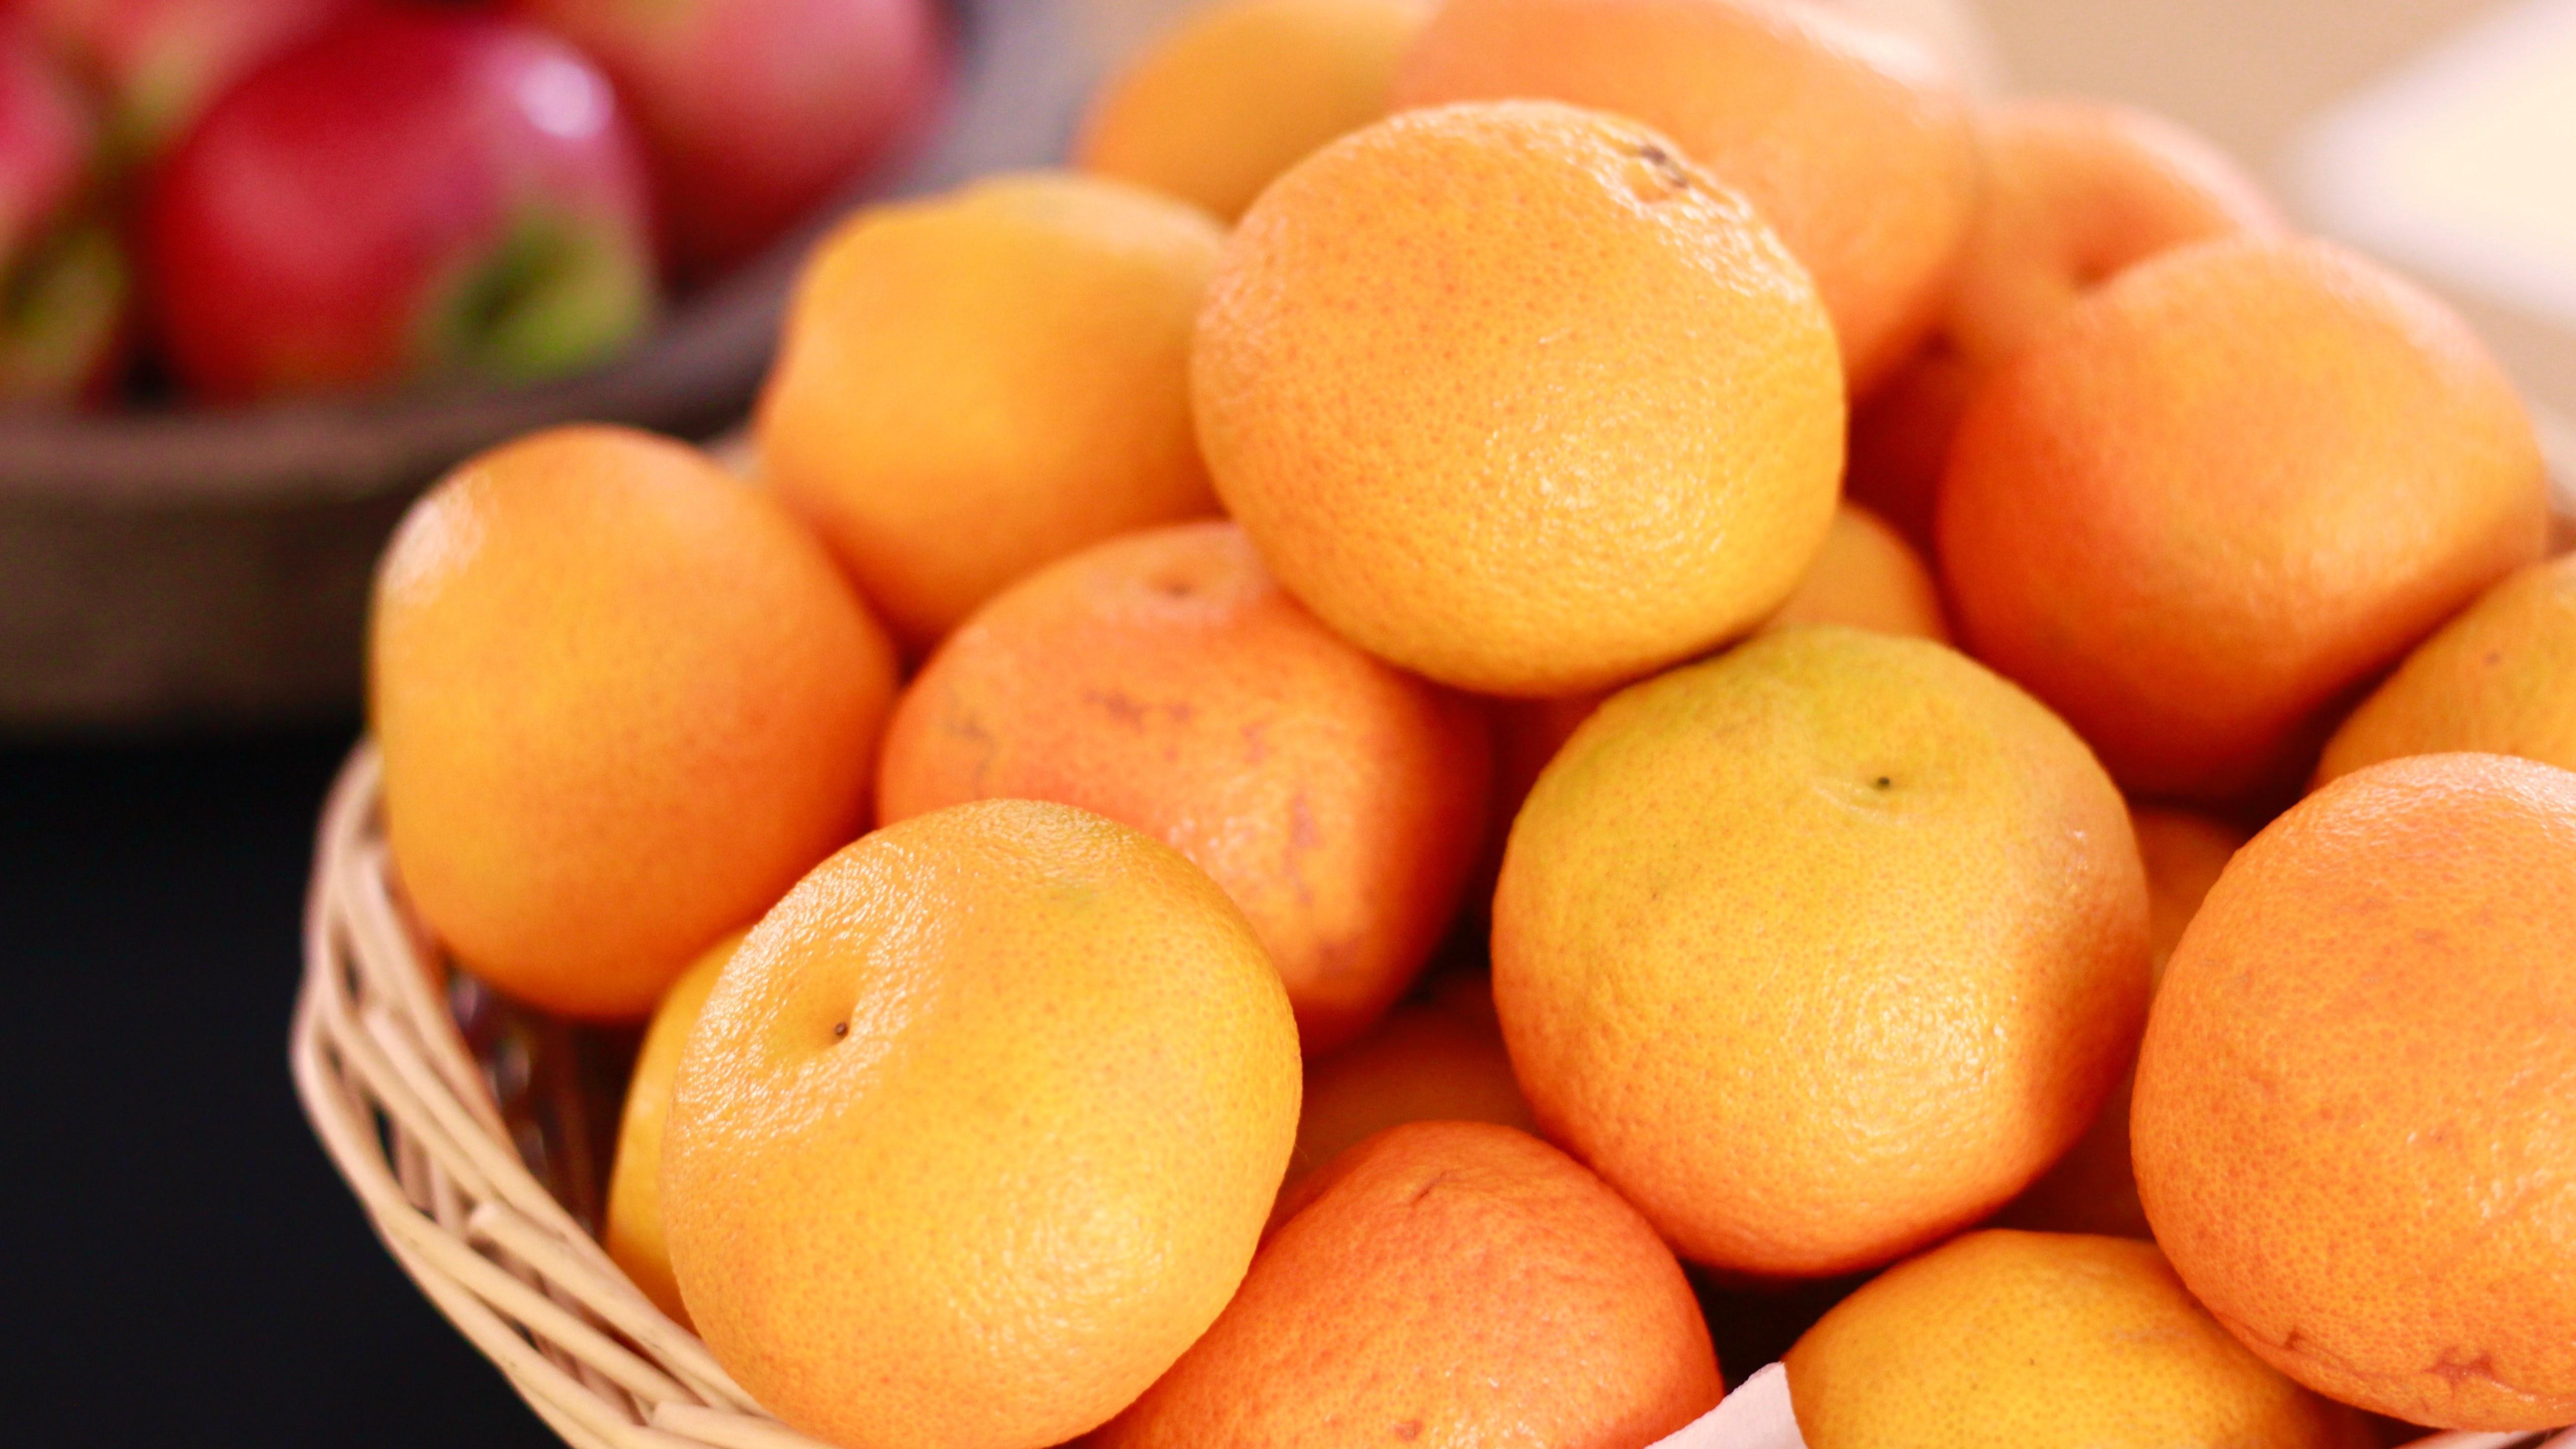 Weil sie im Kühlschrank ihren Geschmack verlieren, sollten Orangen beispielsweise in einem Obstkorb gelagert werden. Dabei ist jedoch wichtig, dass sie von anderen Früchten wie Äpfeln getrennt werden.